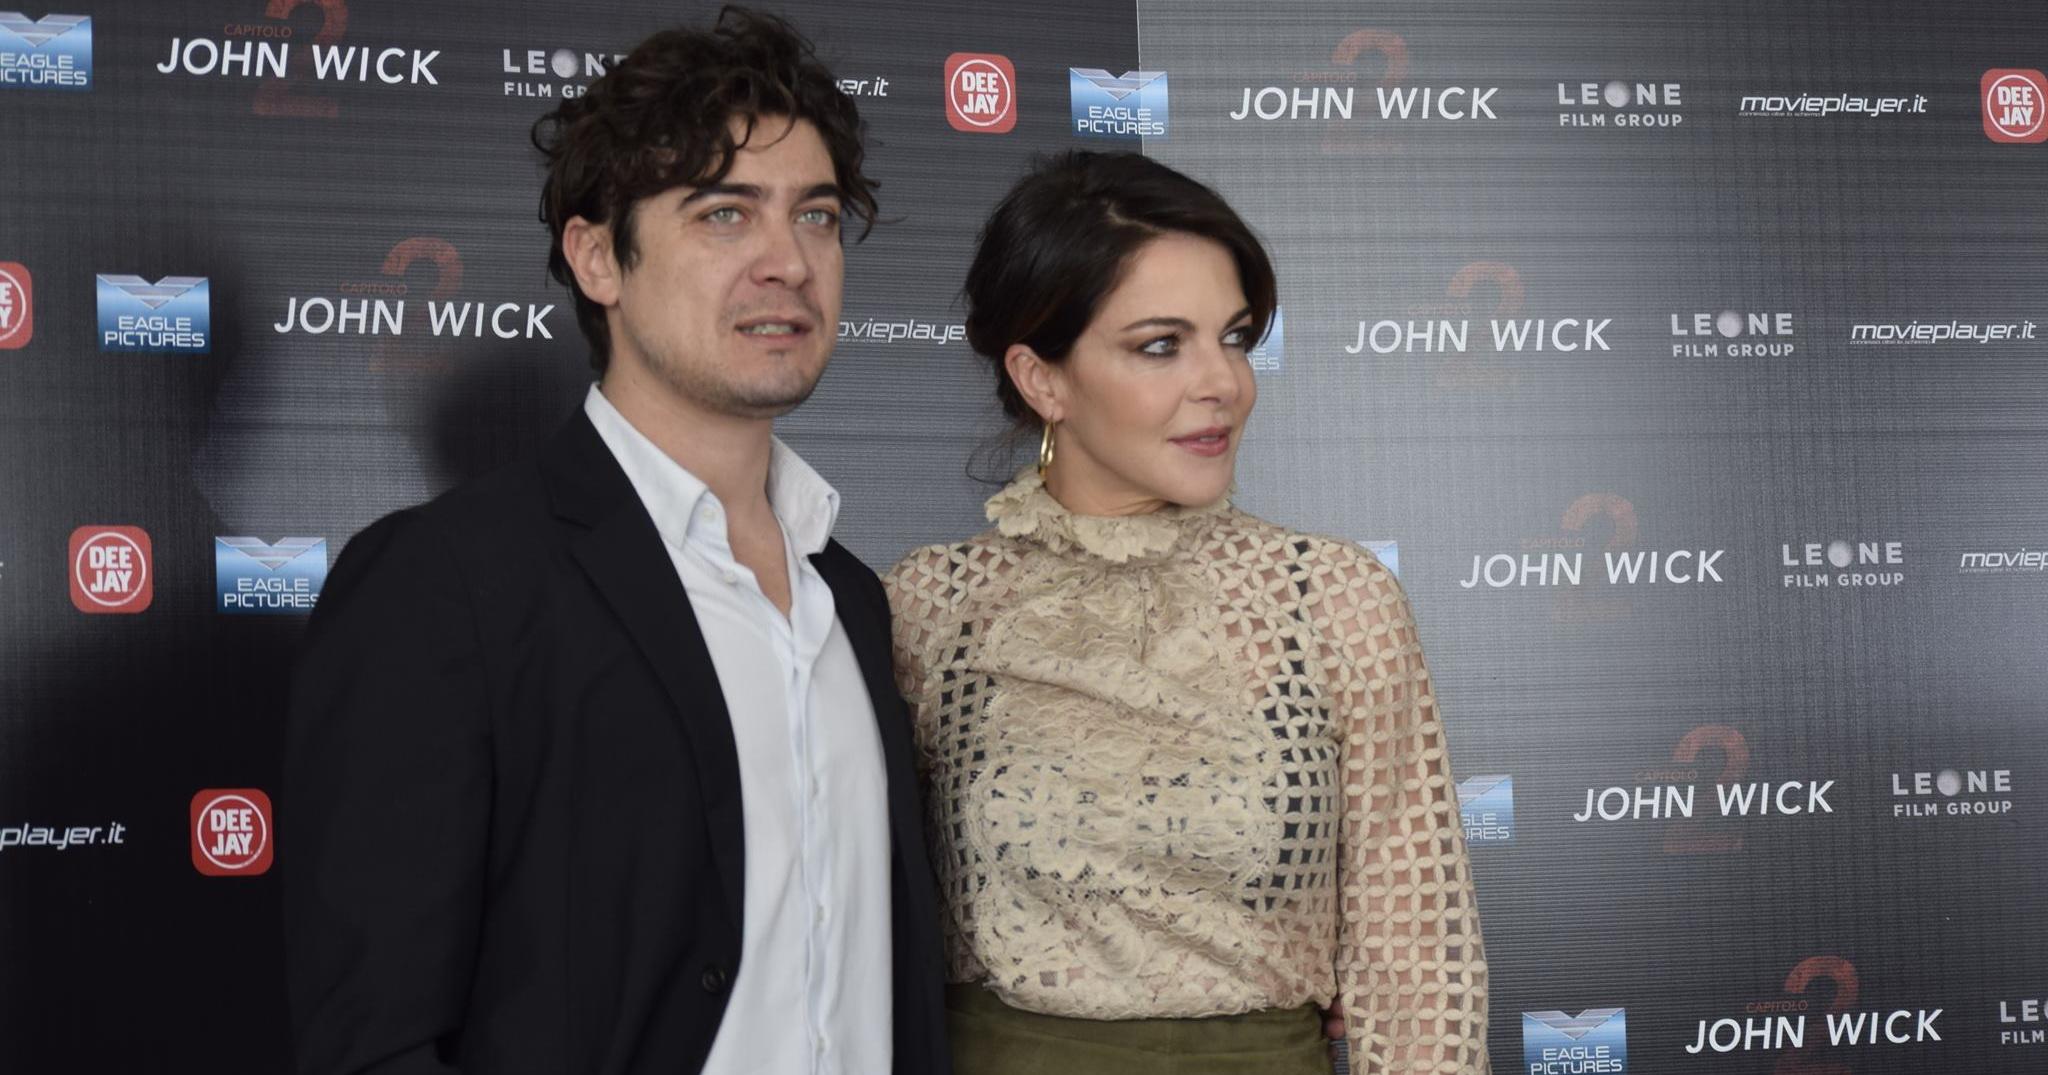 Riccardo Scamarcio e Claudia Gerini sono i co-protagonisti italiani (insieme a Franco Nero) di Keanu Reeves nel pirotecnico sequel John Wick – Capitolo 2. Arriva nelle sale John Wick – […]